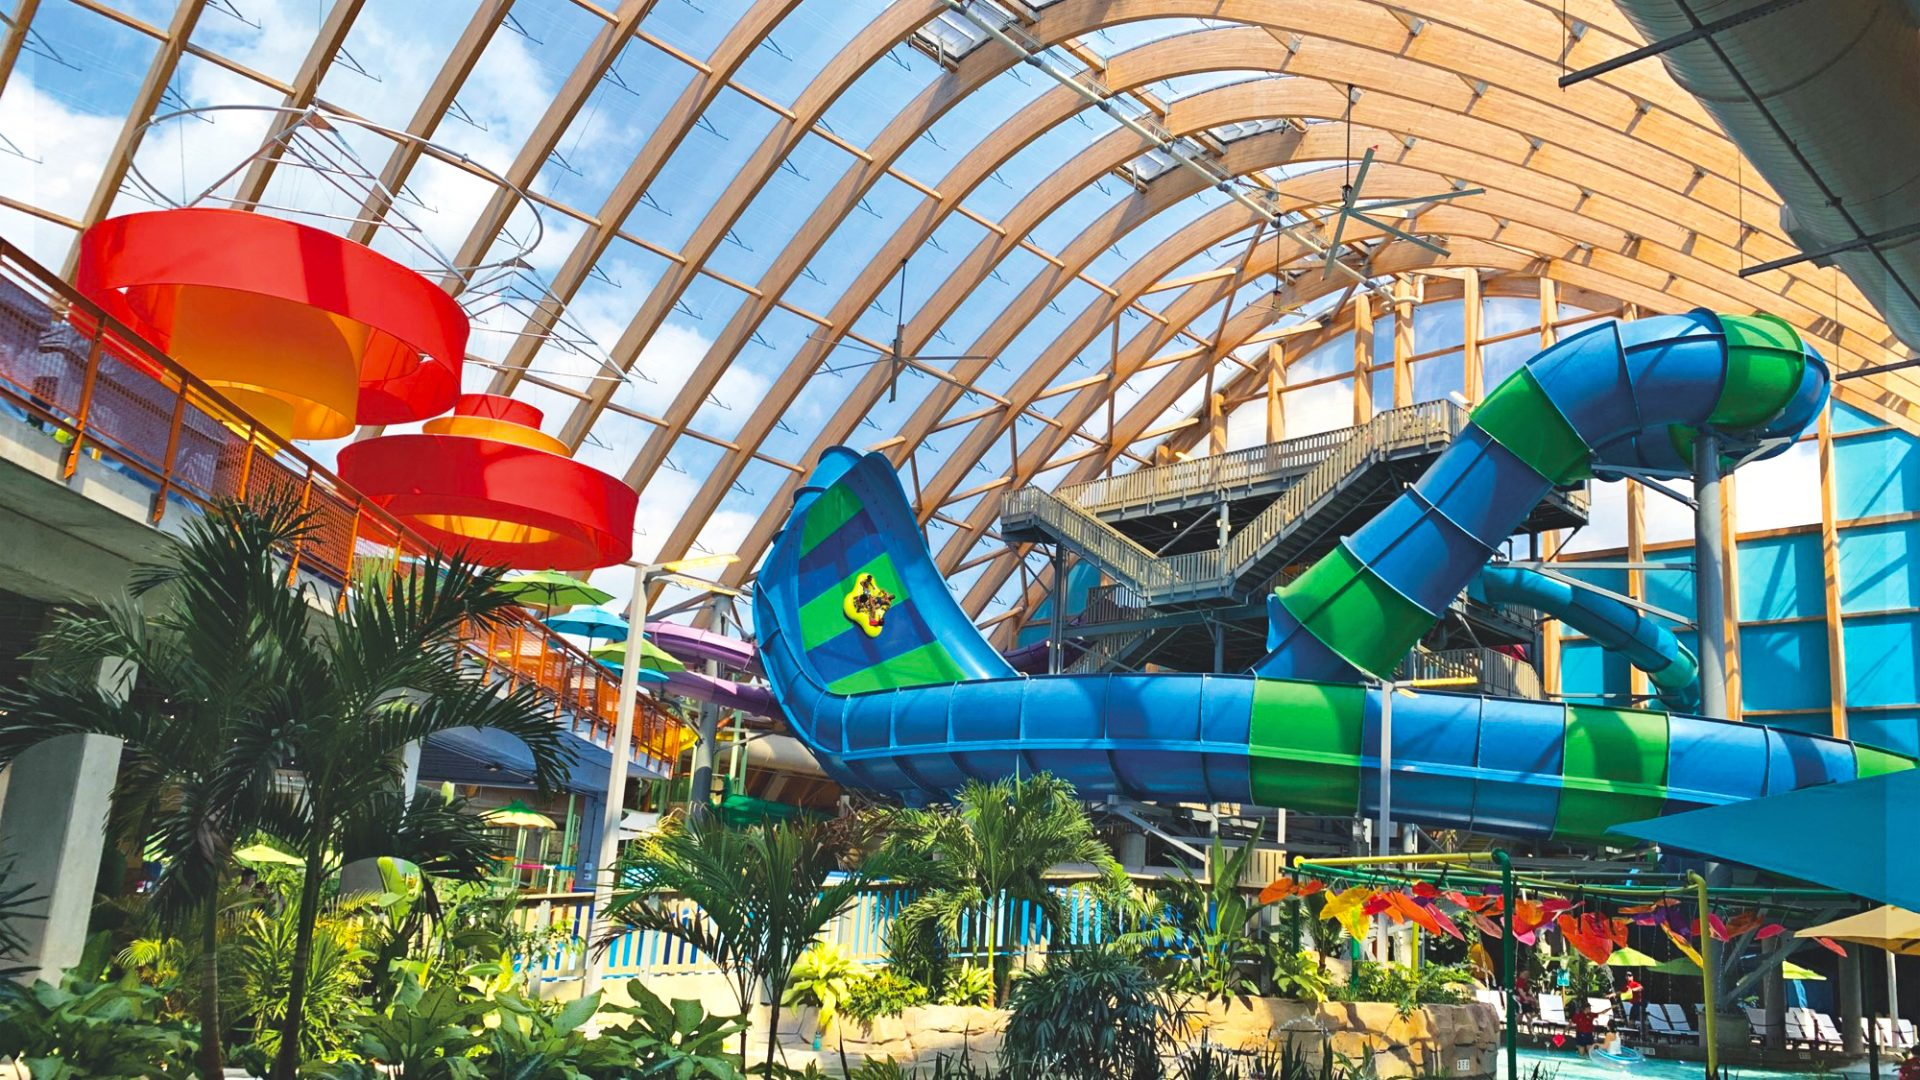 kartrite resort and indoor water park